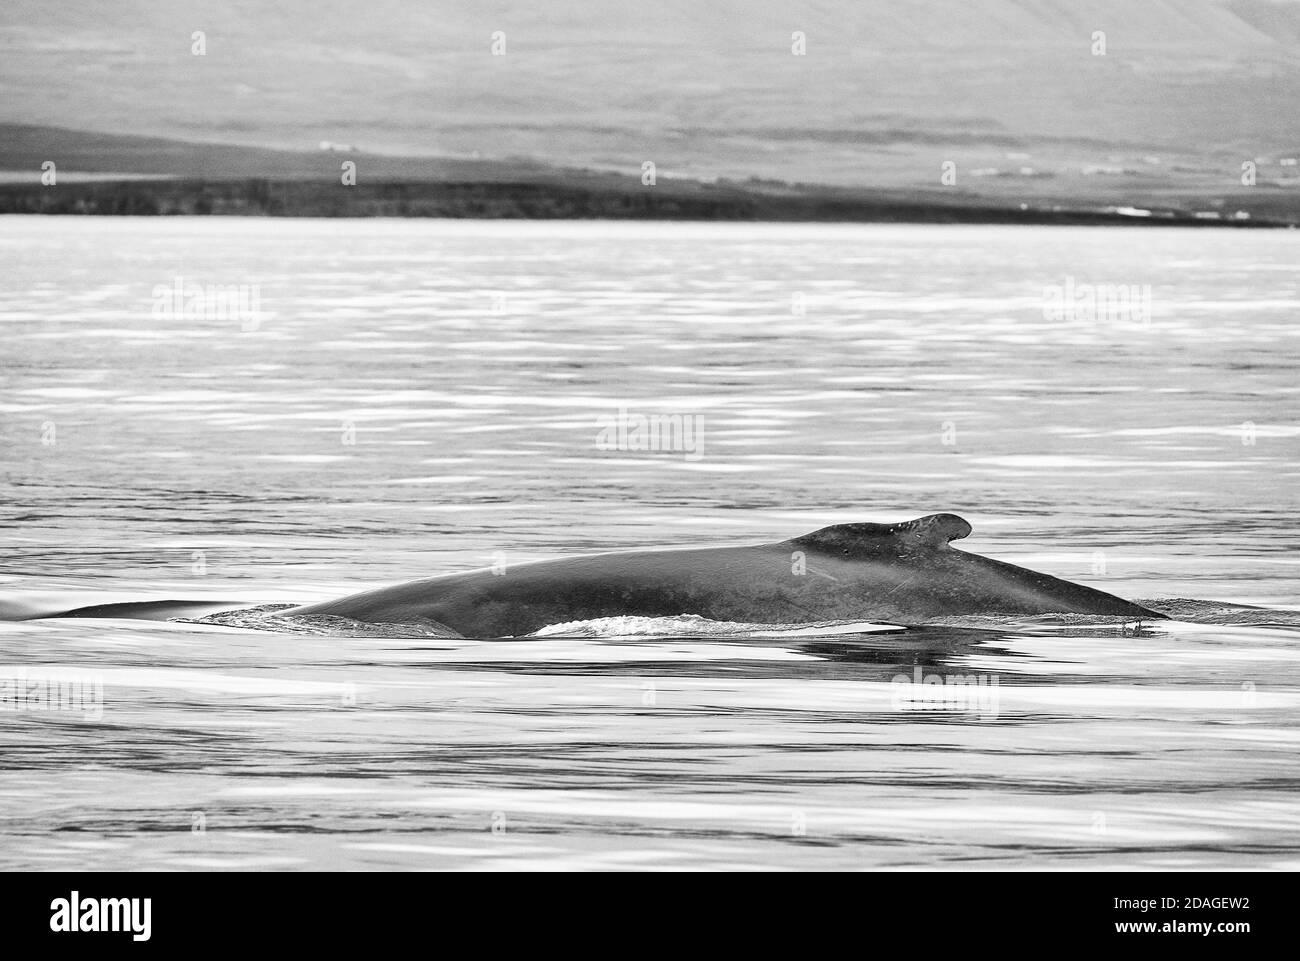 Observación de ballenas en Husavik, Norte de Islandia, Europa Foto de stock